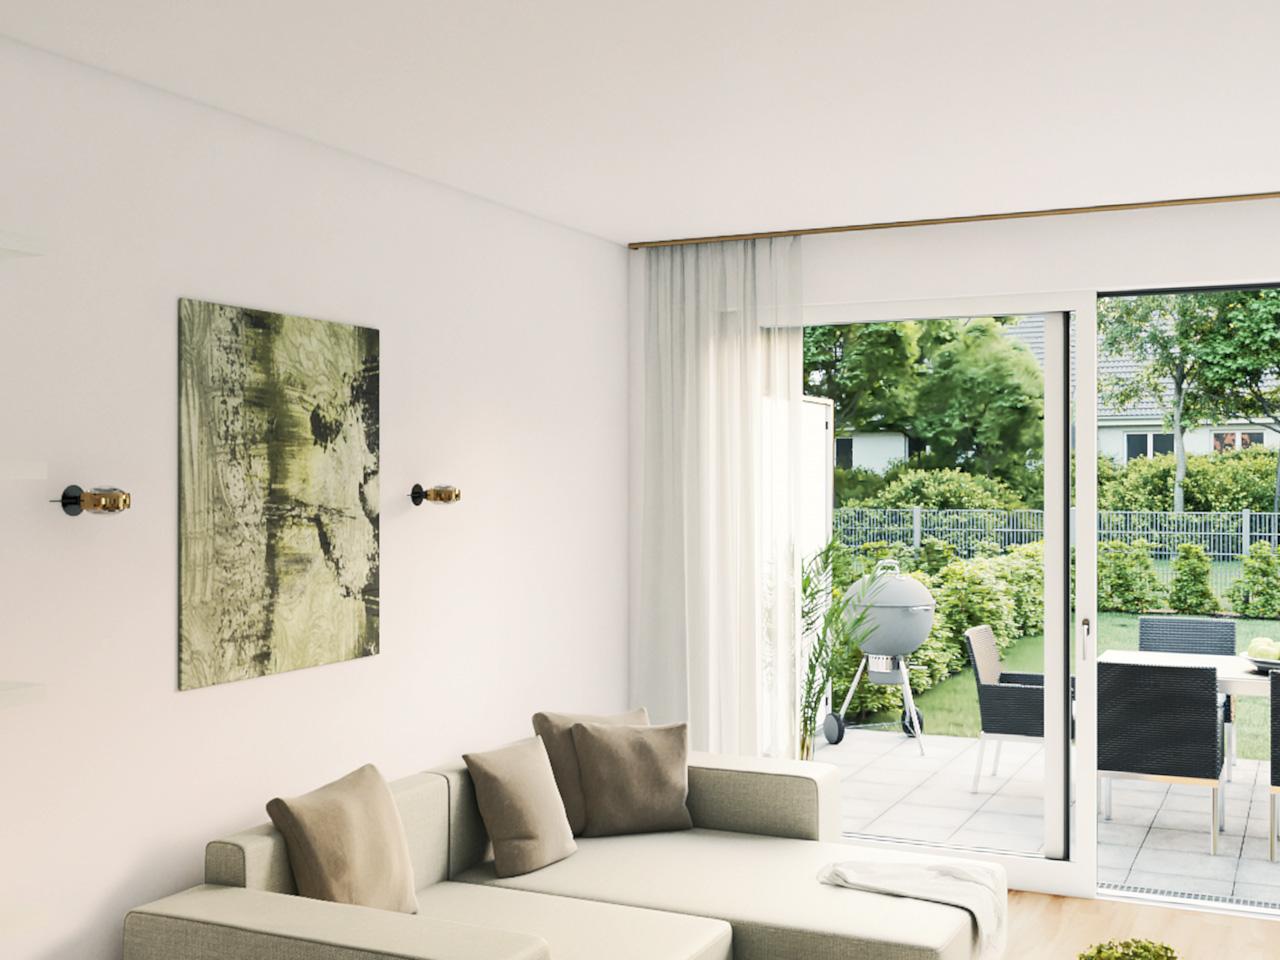 Blick in ein Wohnzimmer mit Aussicht auf Terrasse und Garten